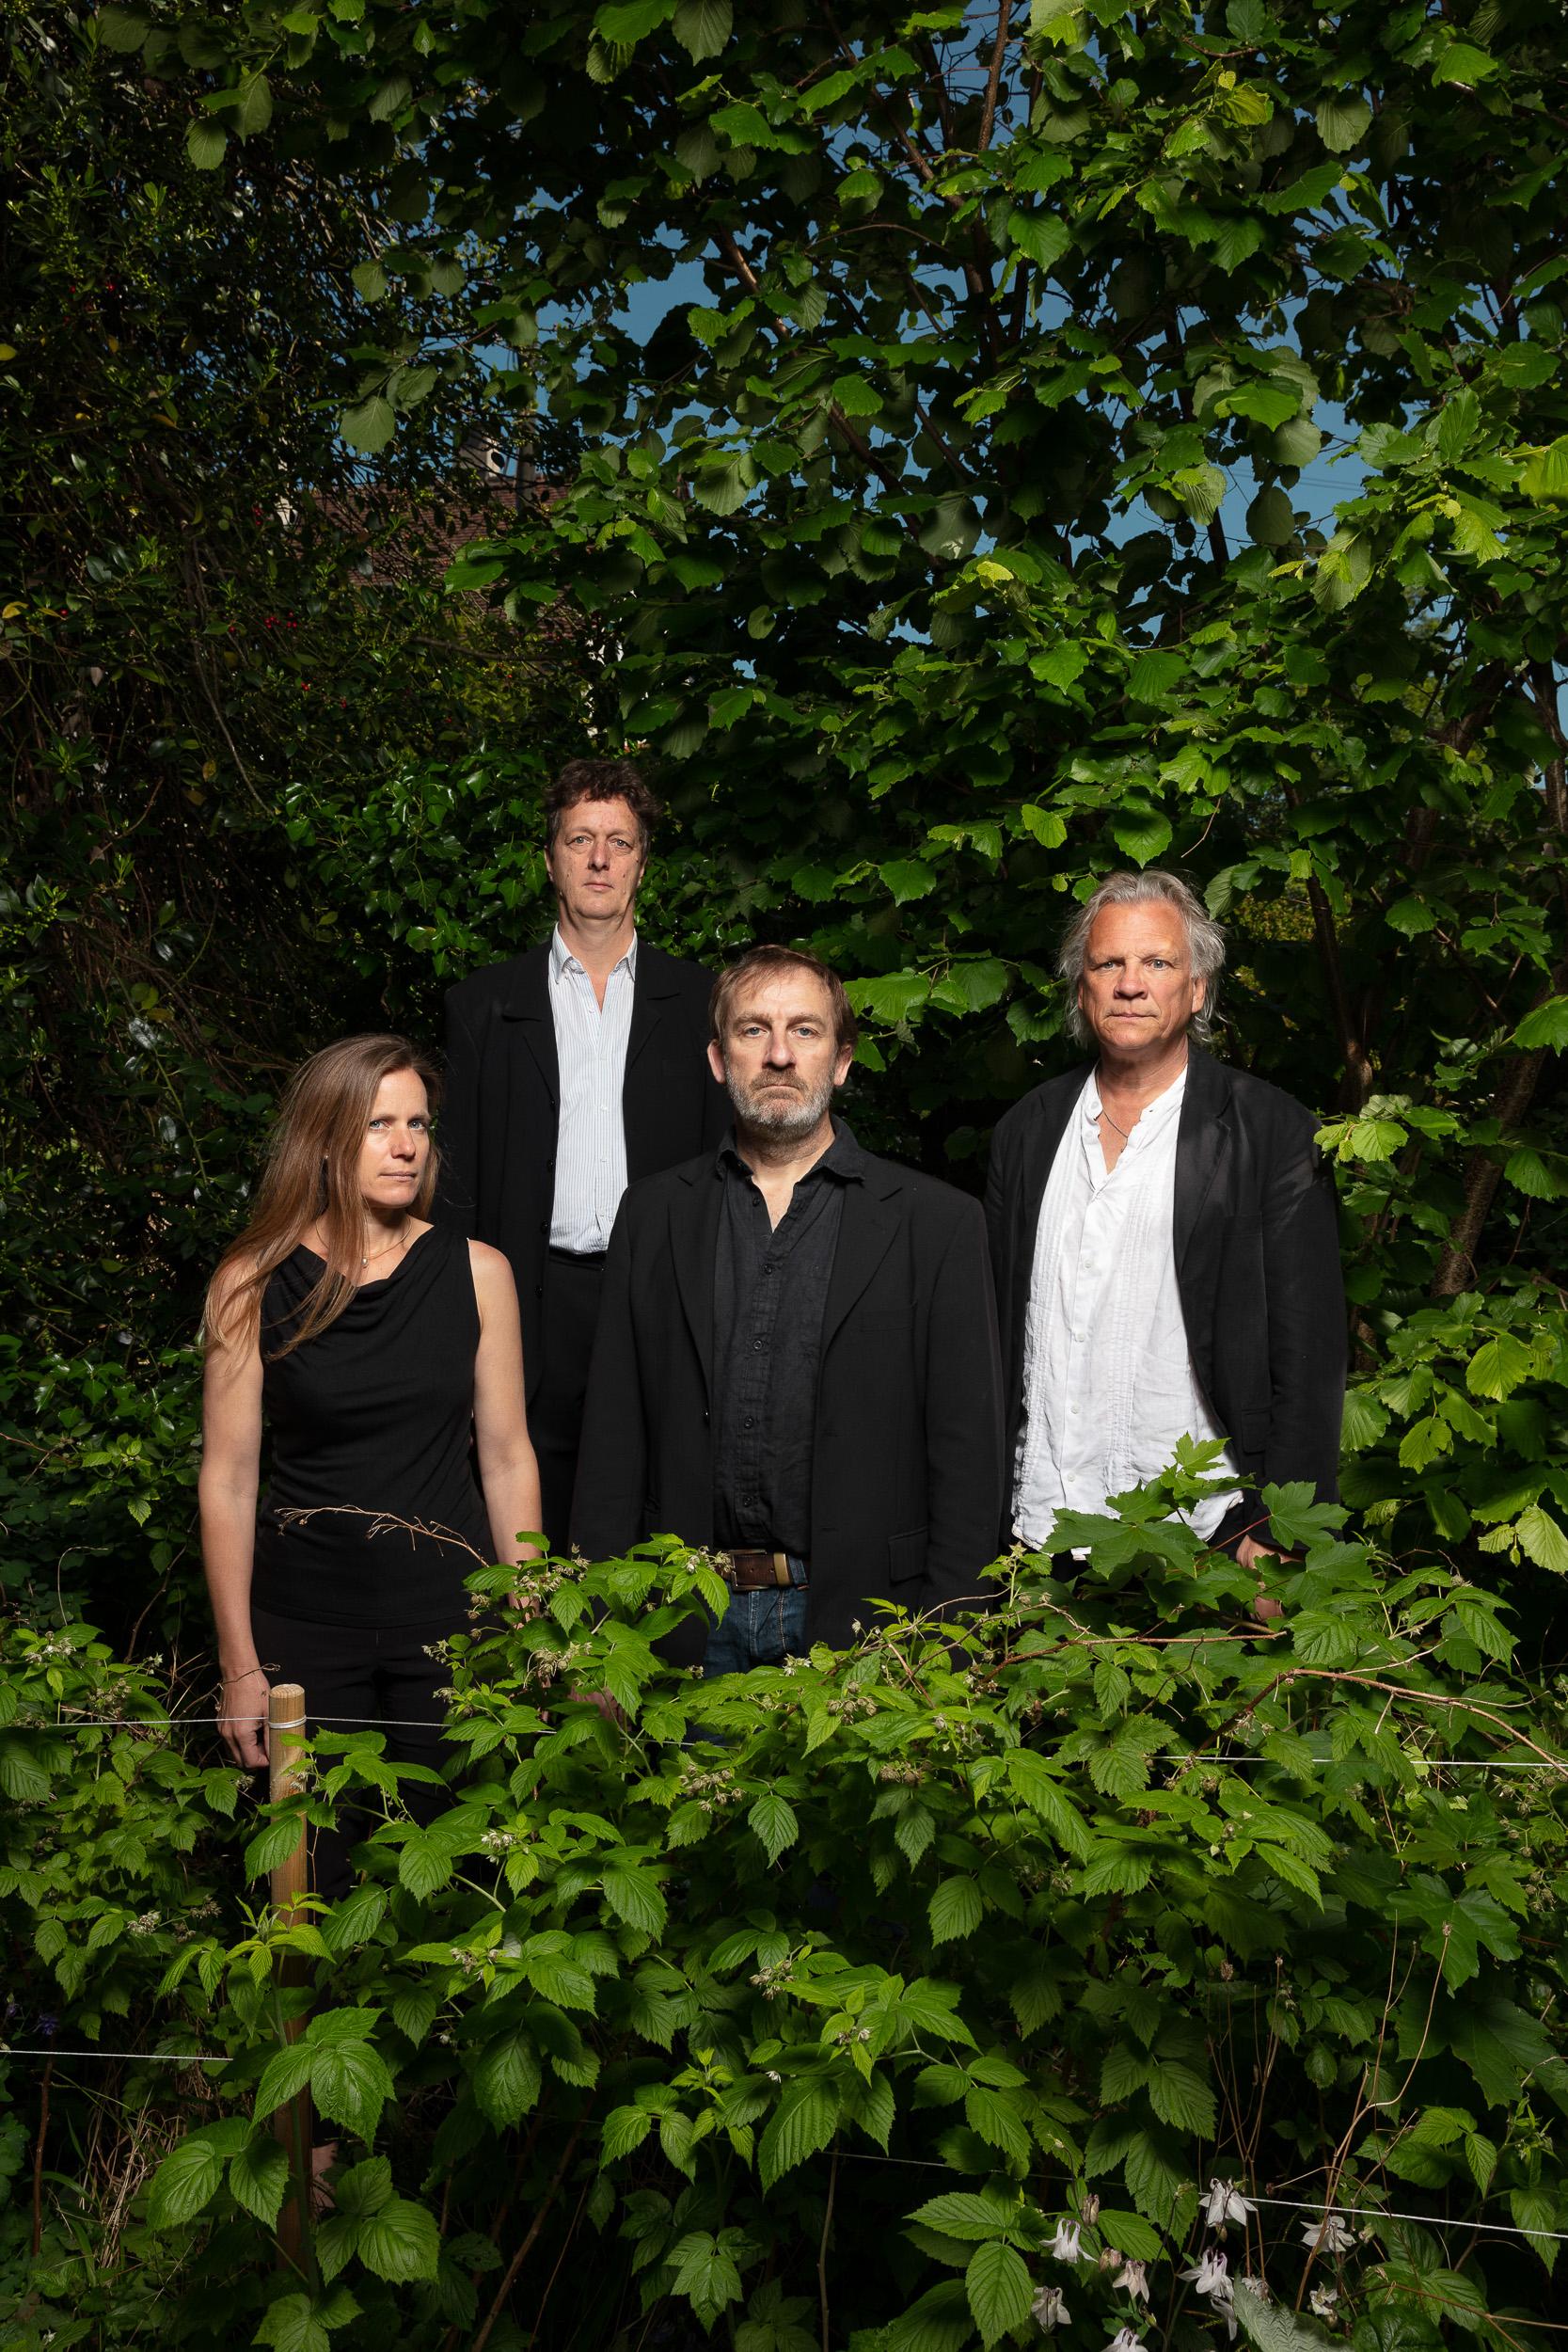 Bürobureau Fotografie Zürich Schaffhausen Glauser Quintett in fremden Gärten